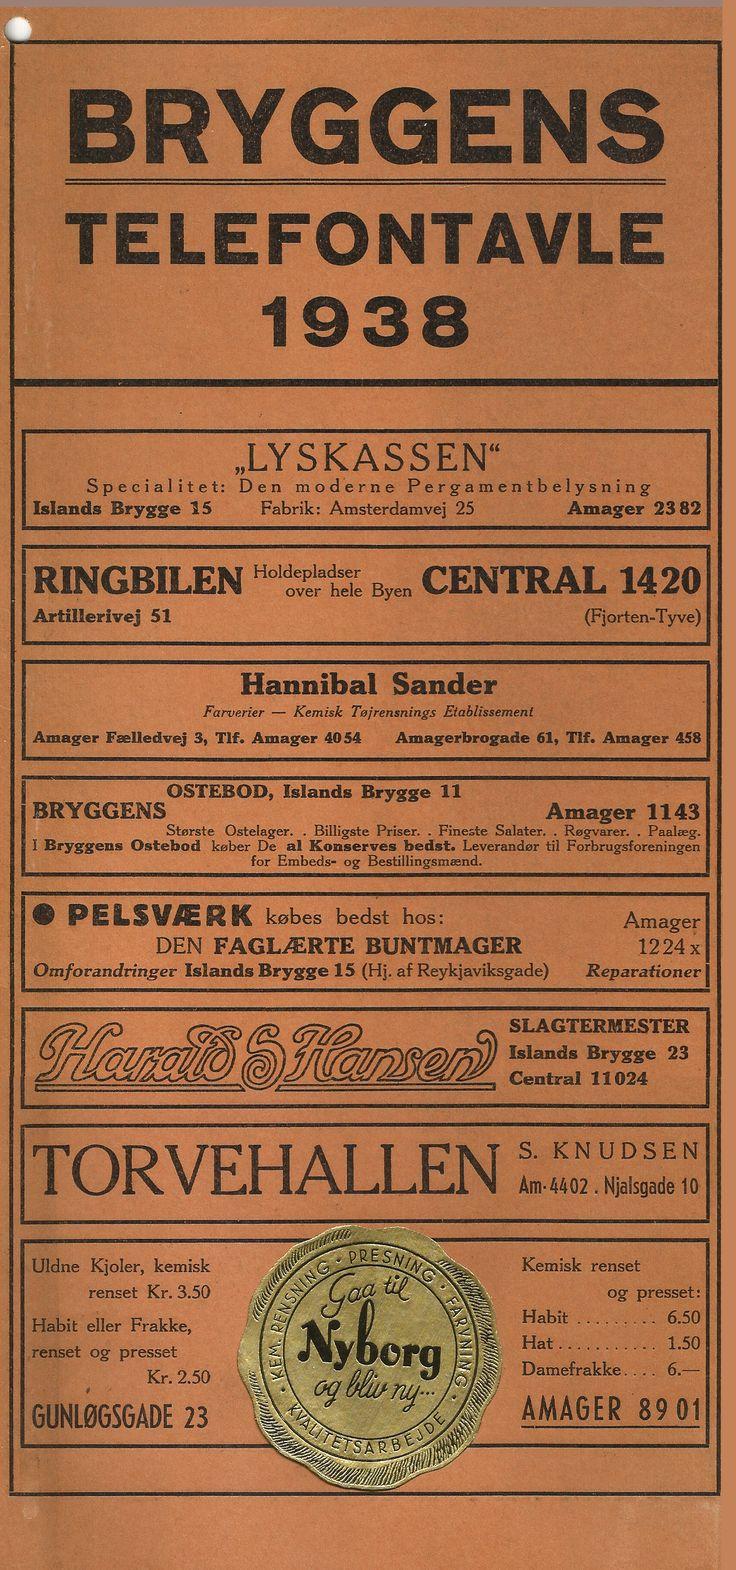 I forlængelse af de sidste par indlæg, så kommer der her en telefontavle fra Islands Brygge. Telefontavlen er fra 1938, og viser en del af de forretninger som var på Bryggen dengang, -plus et par stykker udenfor Bryggen... #Telefontavle #Telefonliste #Telefon #Islandsbrygge #Bryggen